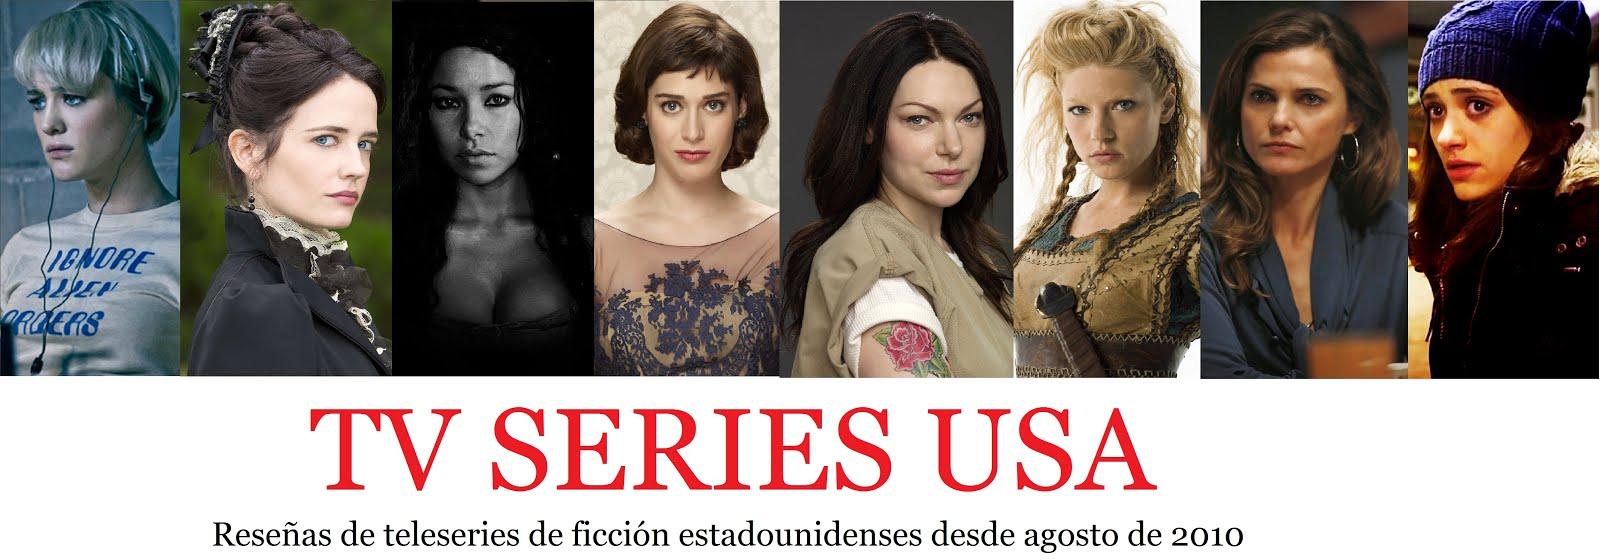 TV Series USA